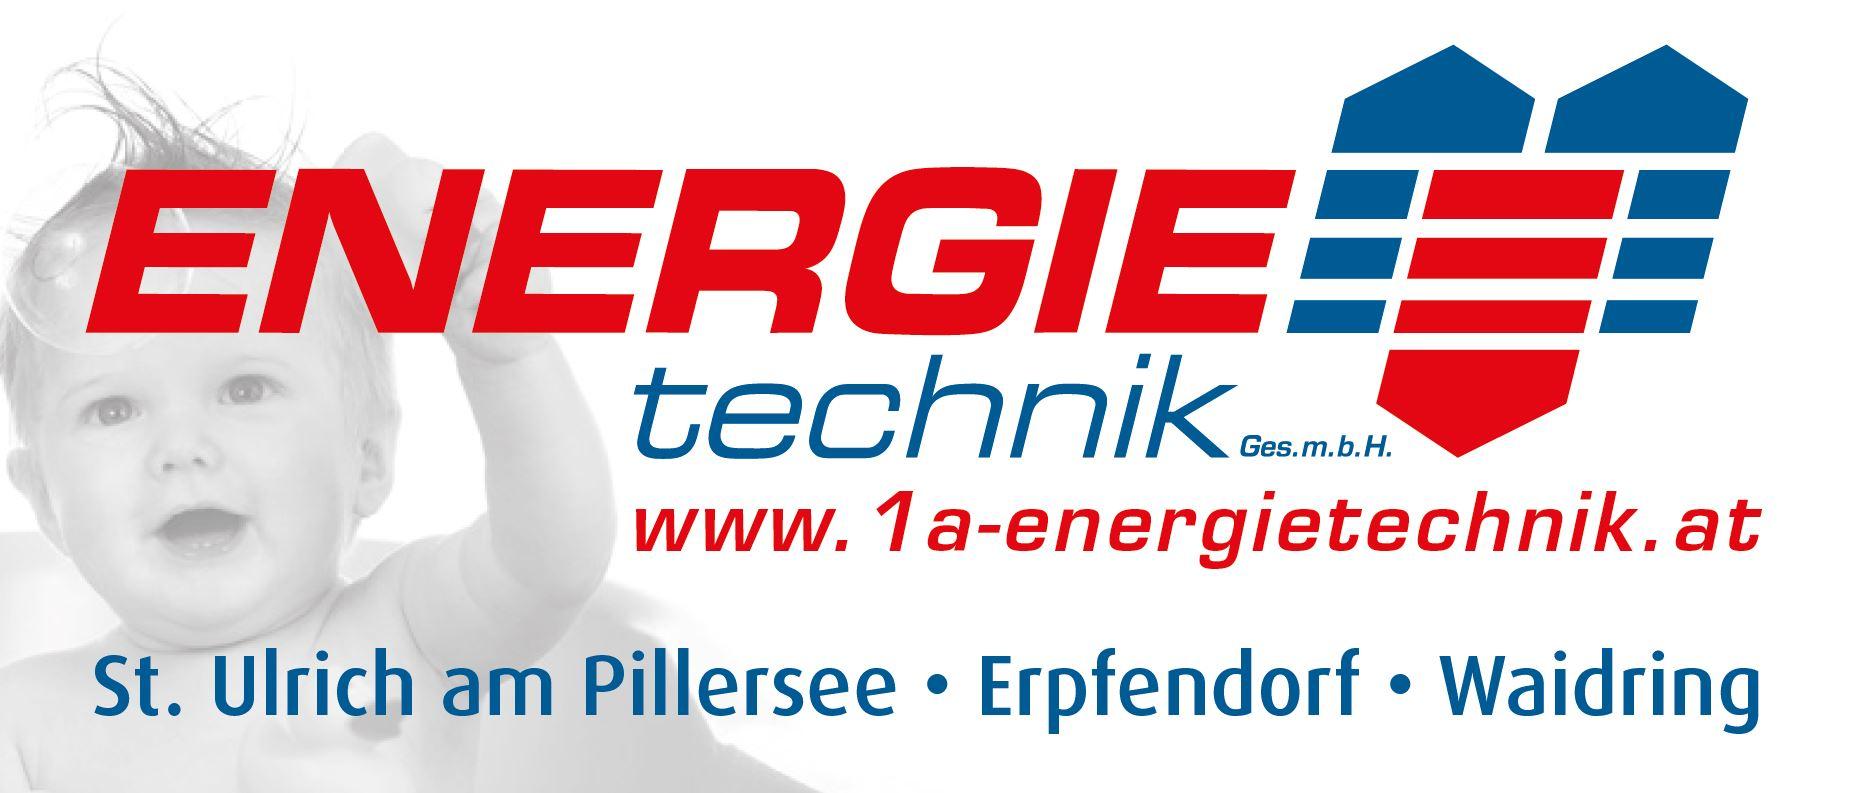 http://www.musikkapelle-stulrich.at/wb/media/sponsoren/Logo_Energietechnik.jpg